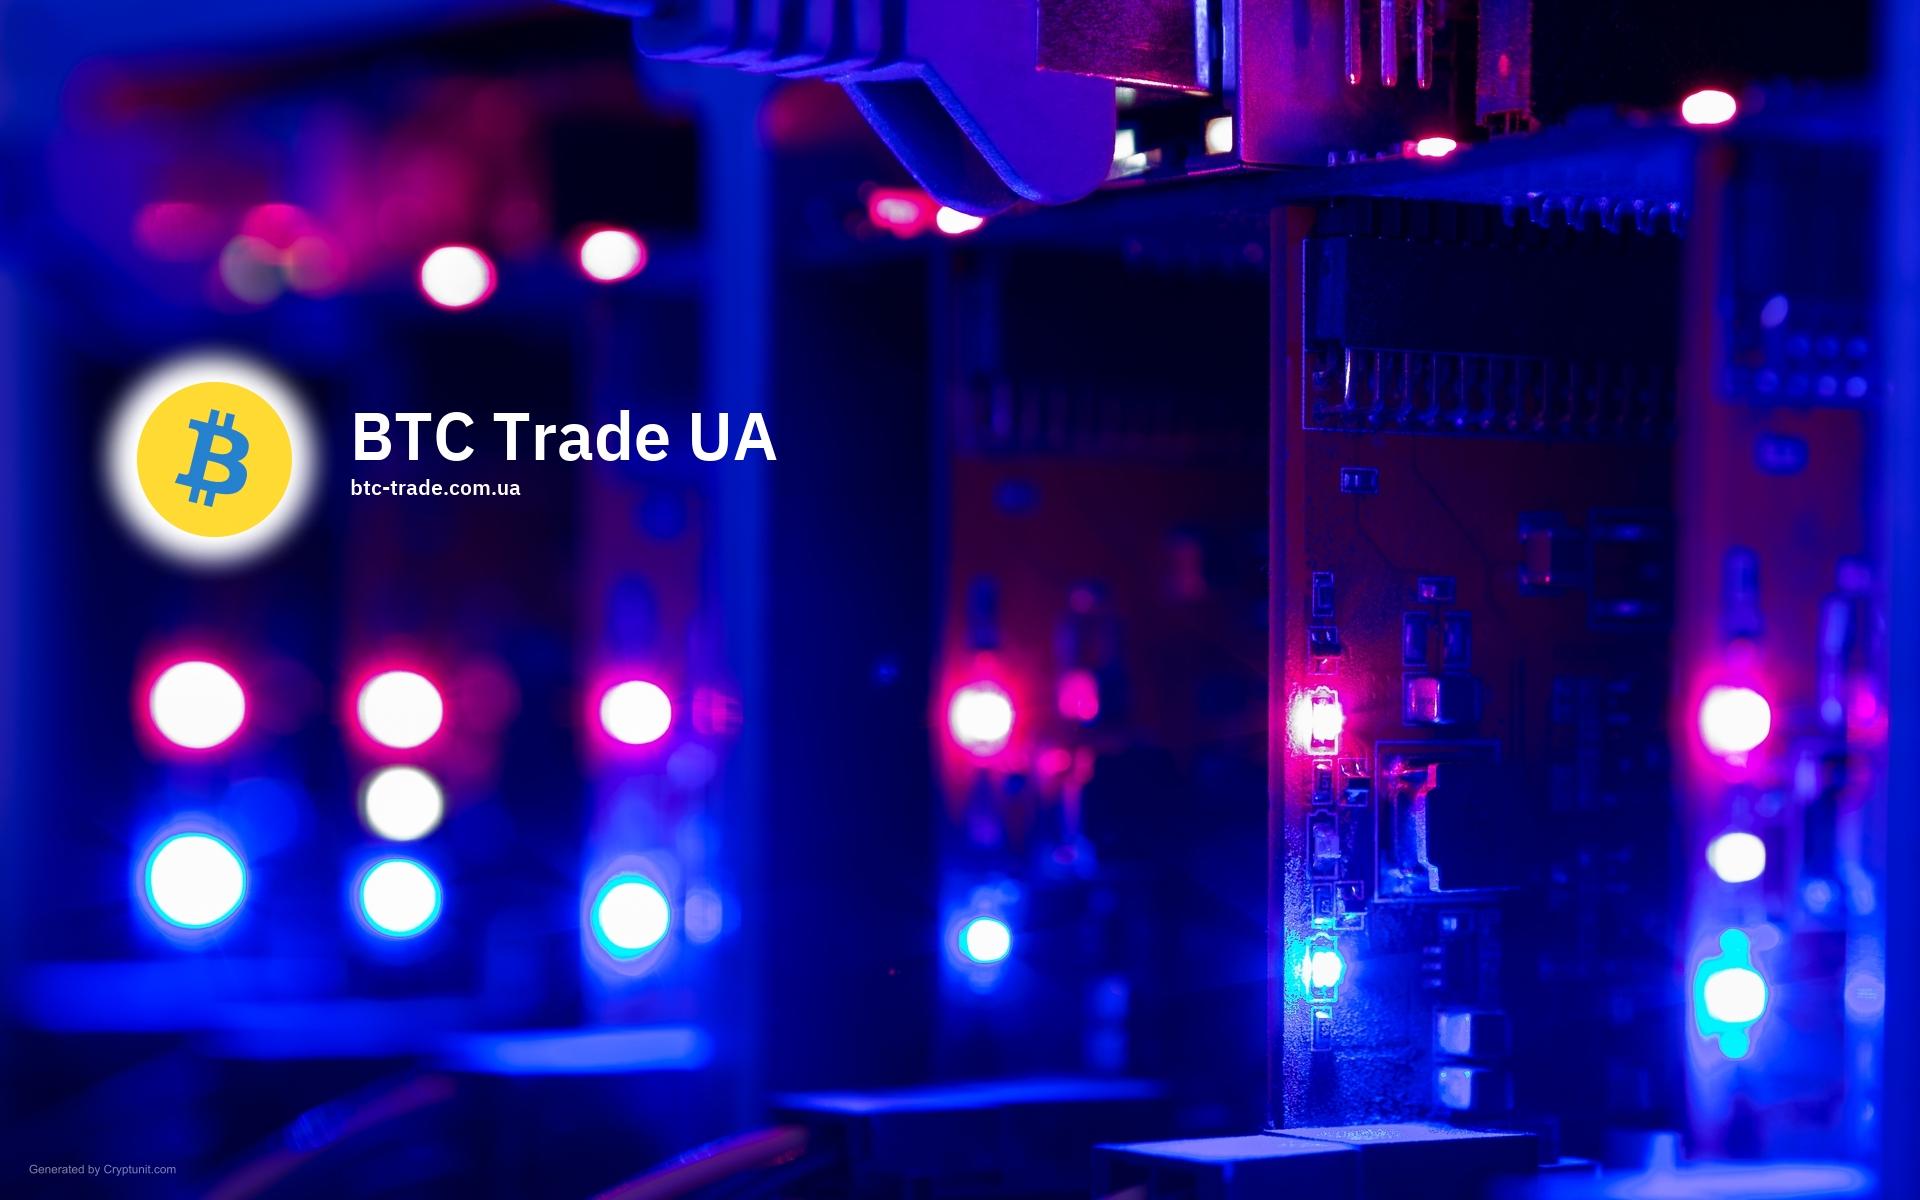 BTC Trade UA exchange